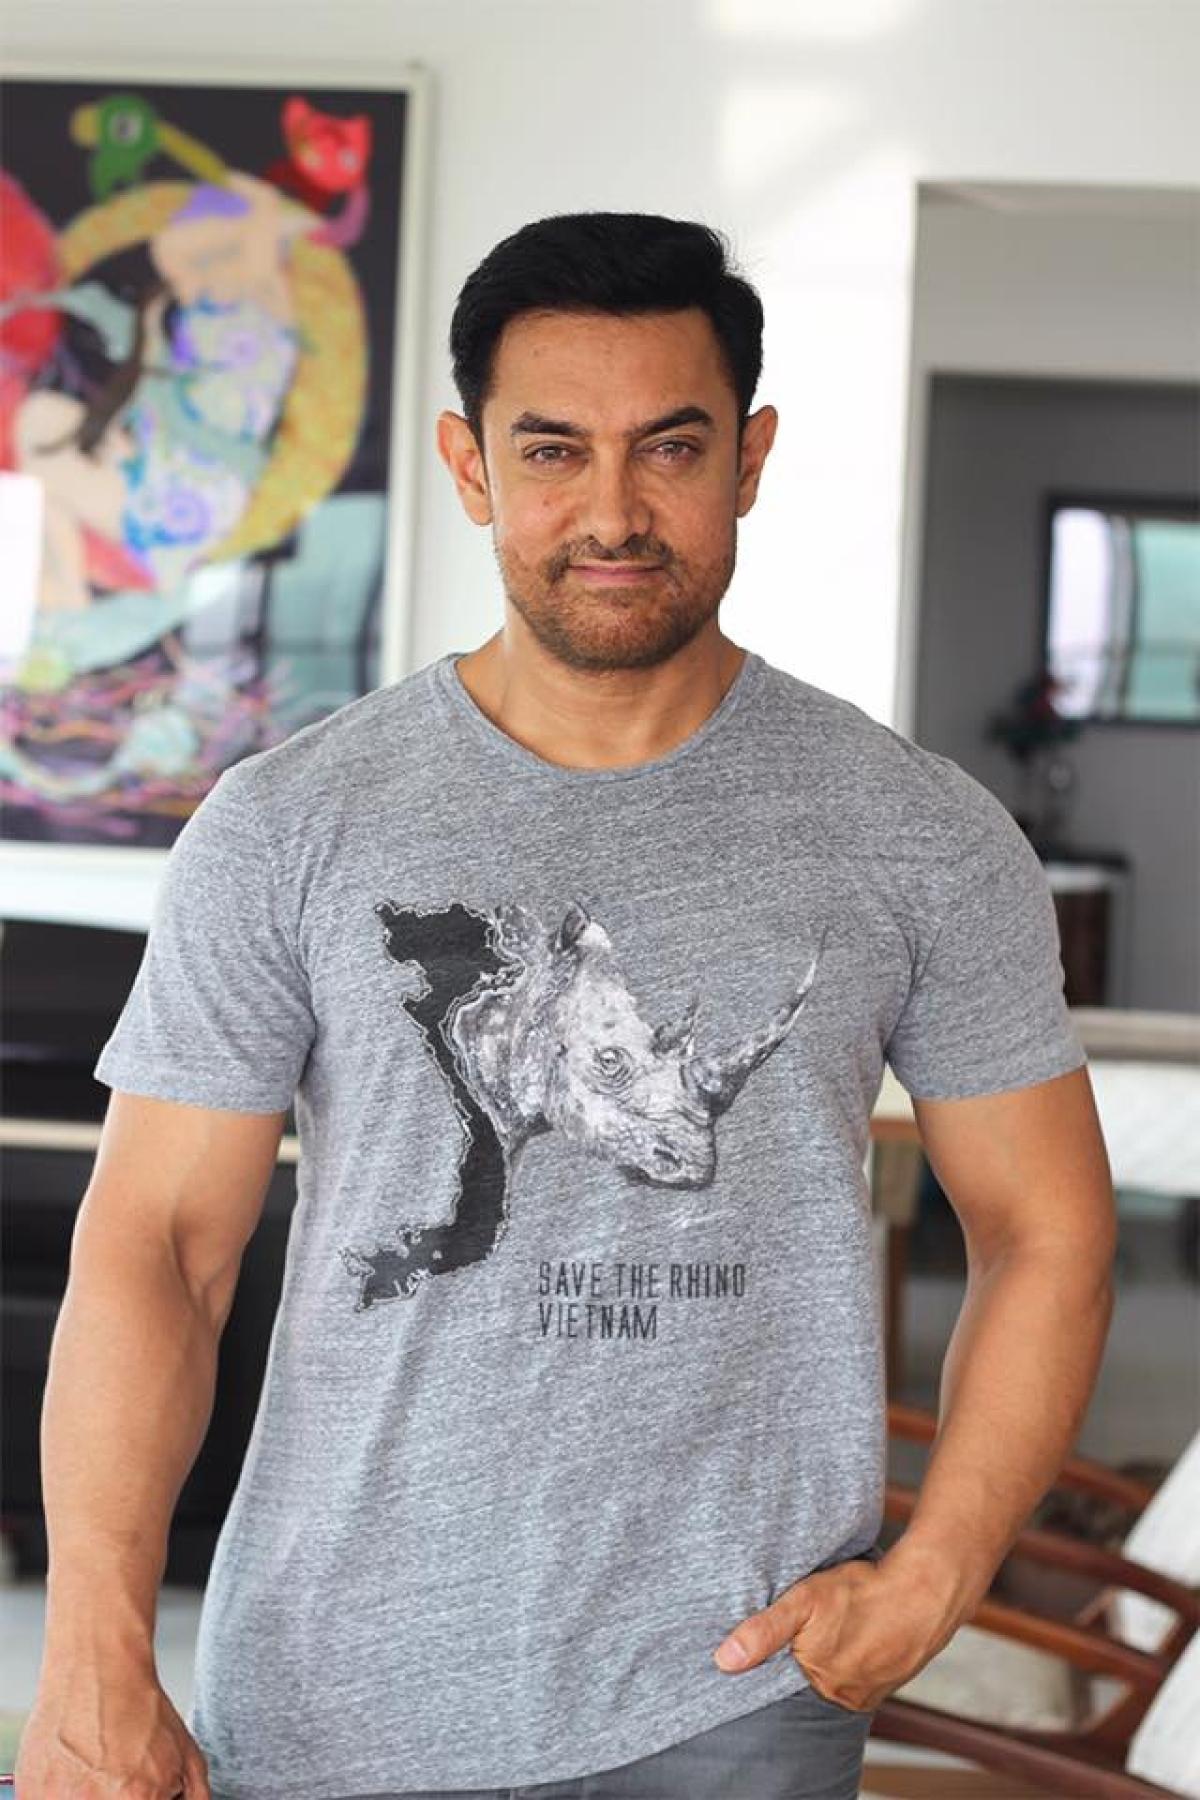 8 साल की उम्र में ही आमिर खान ने एक्टिंग करियर की शुरुआत कर दी थी